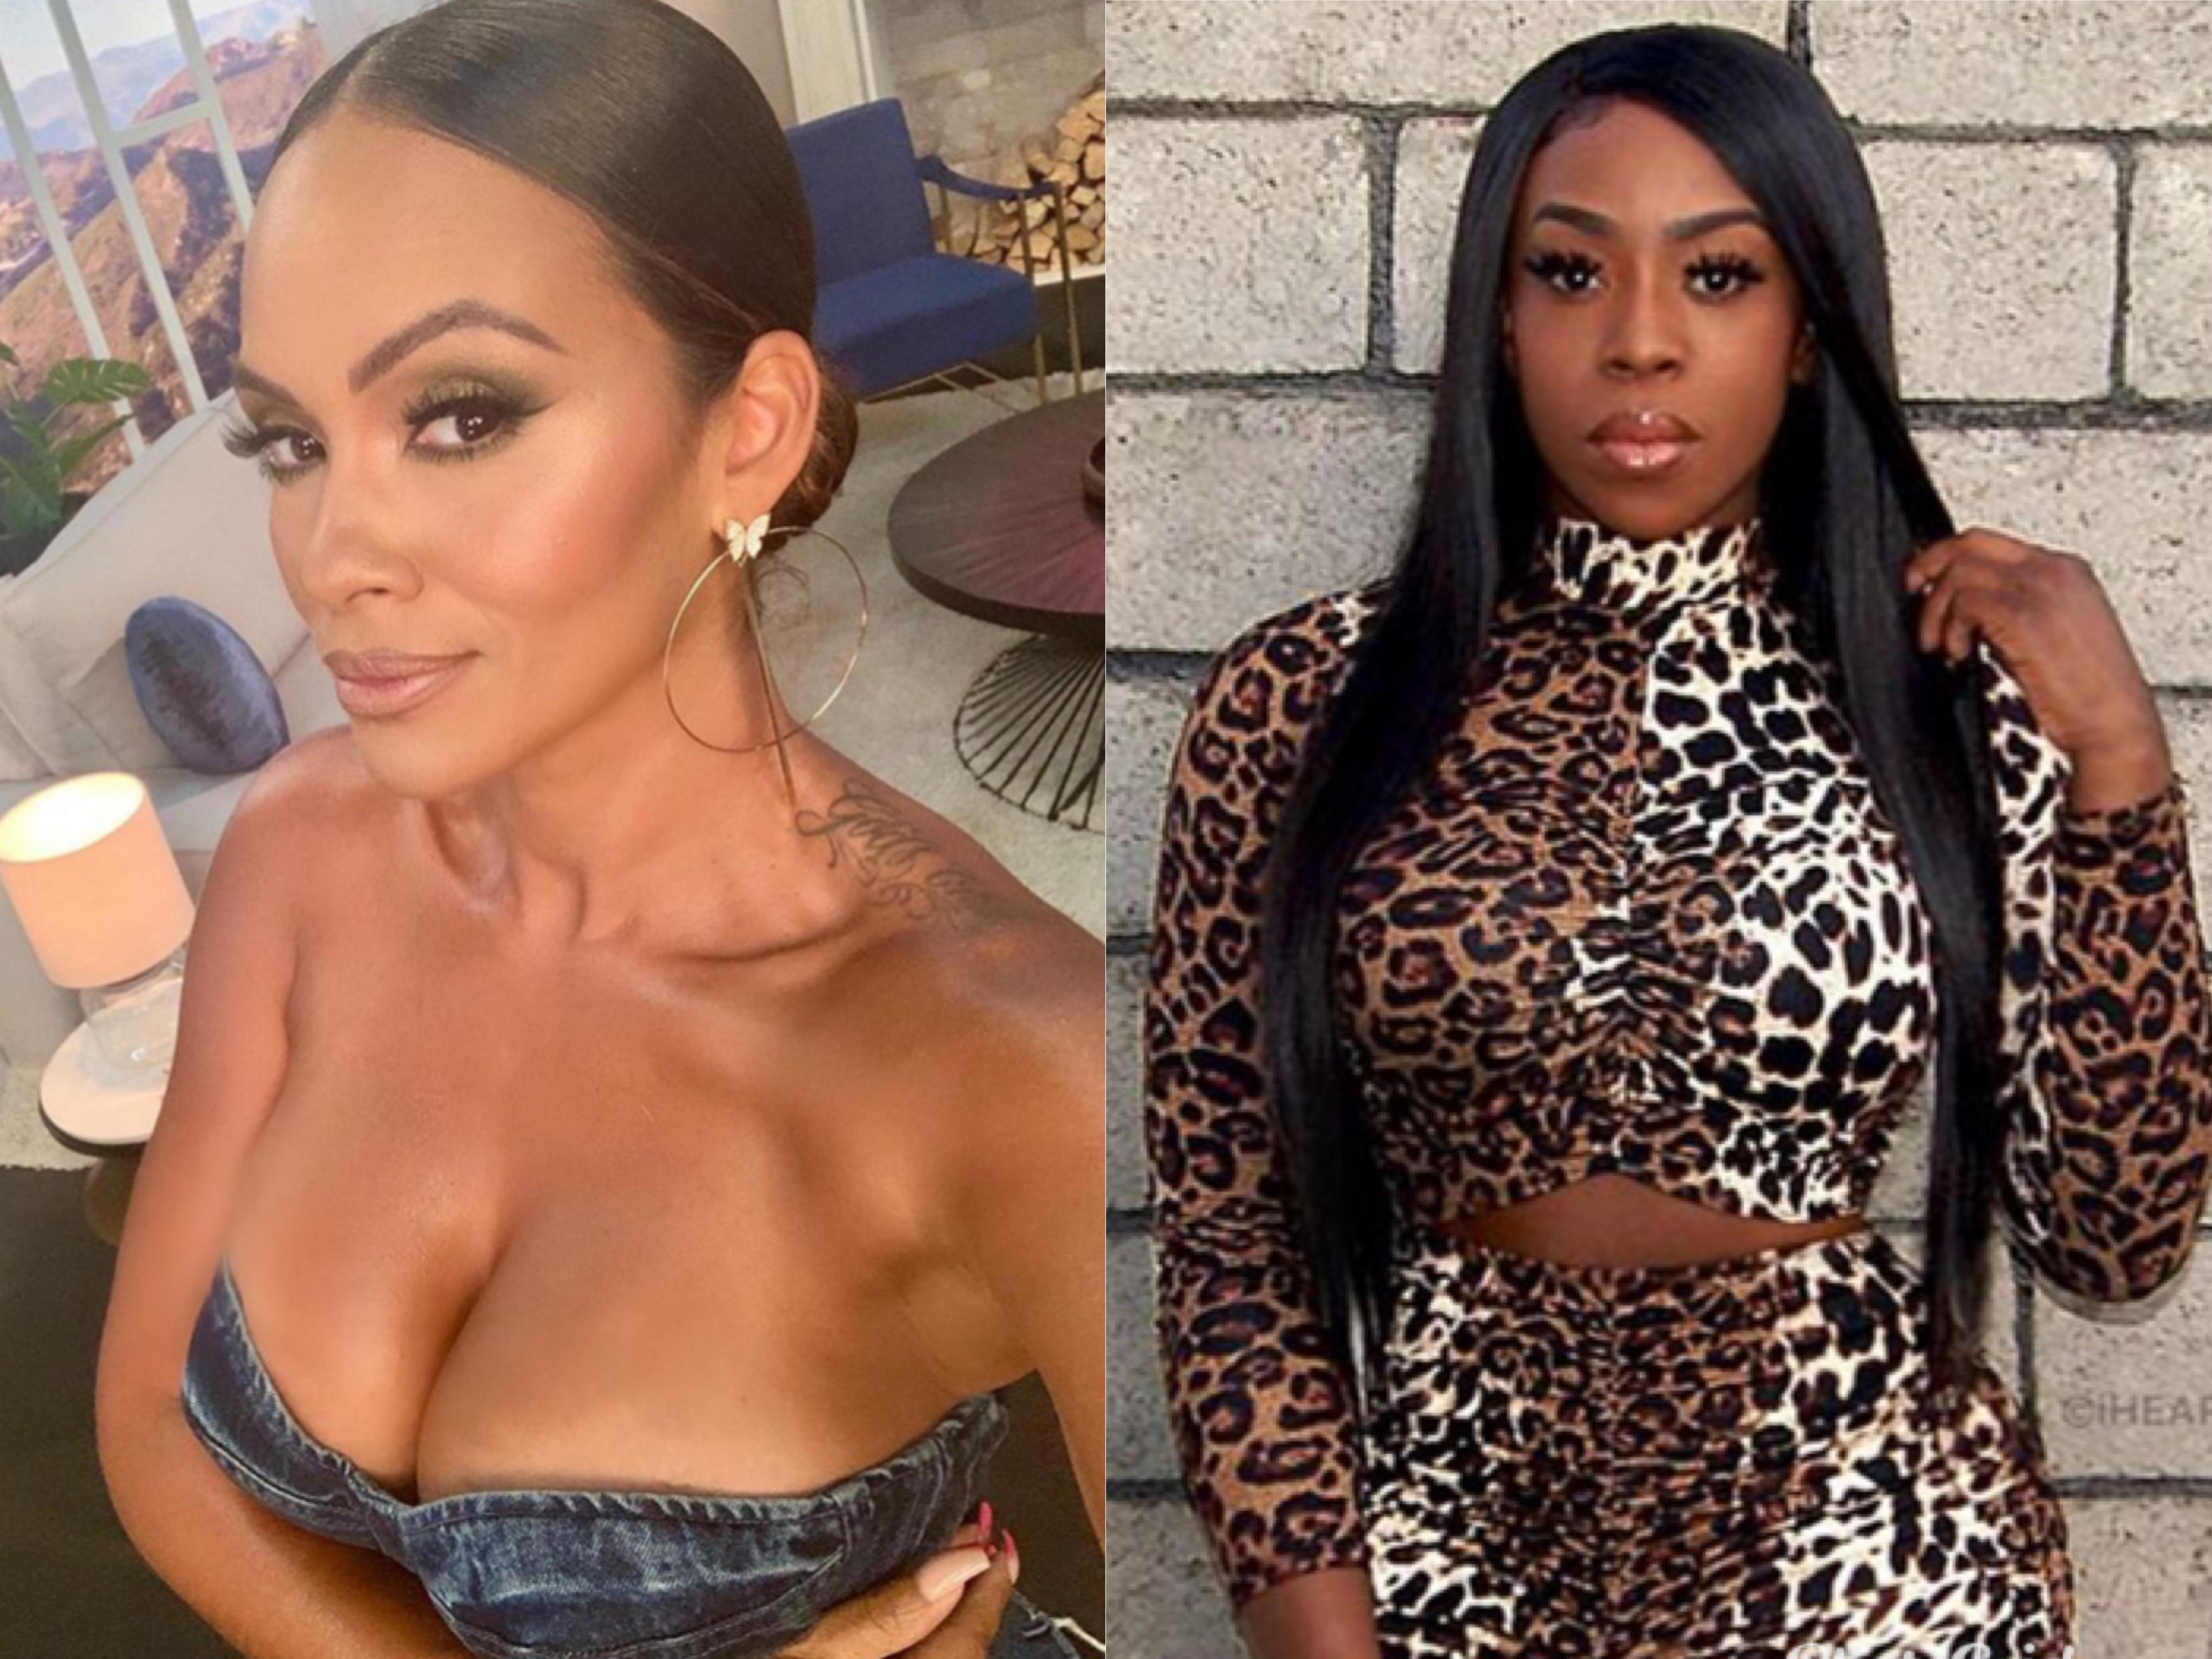 Evelyn Lozada filed for a restraining order against her Basketball Wives co-star OG Chijindu. However, a judge has denied her restraining order.